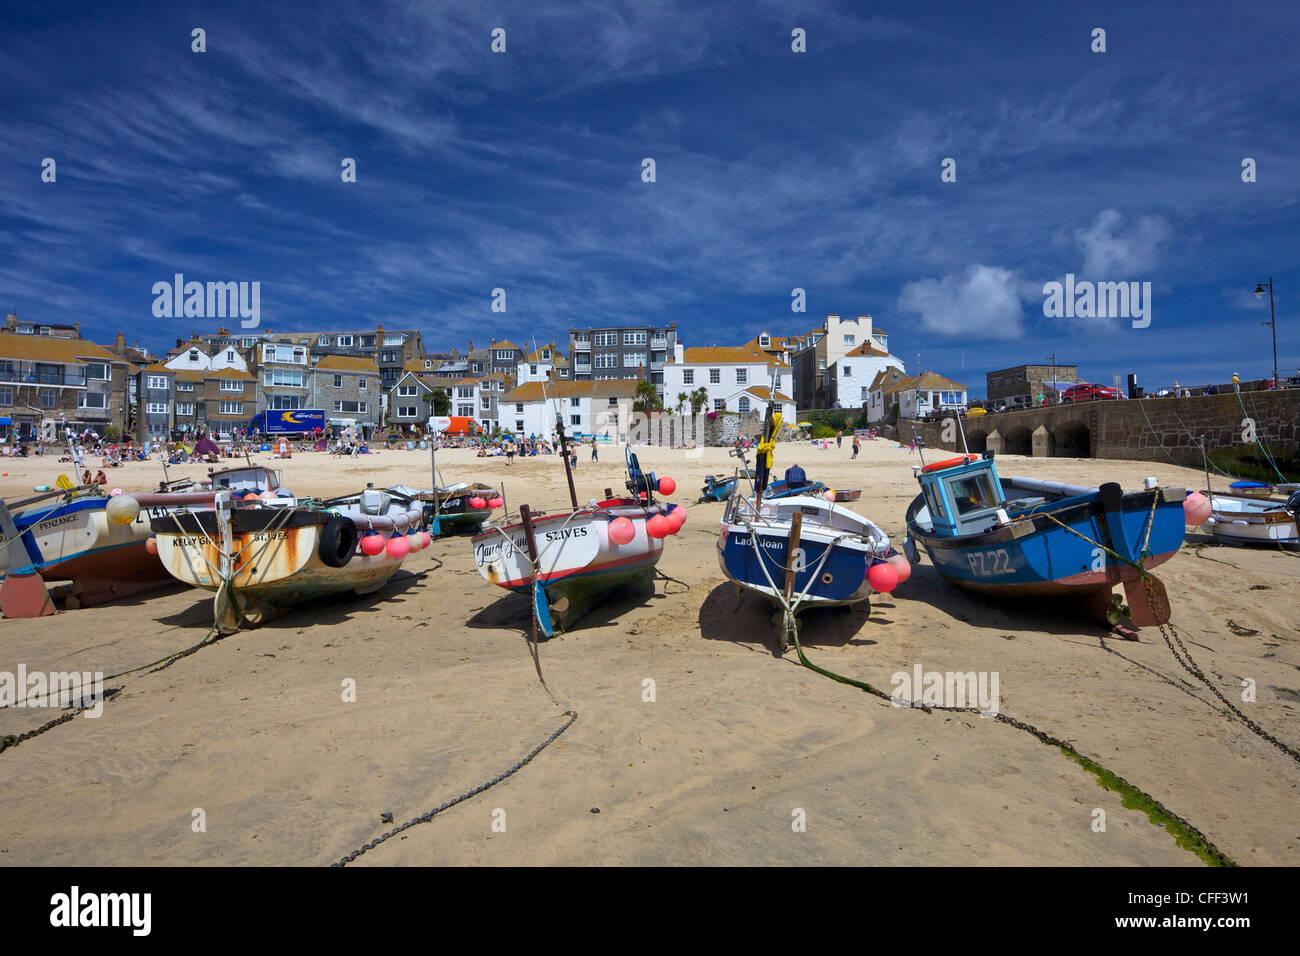 Los barcos de pesca en el antiguo puerto, St. Ives, Cornwall, Inglaterra, Reino Unido, Europa Imagen De Stock